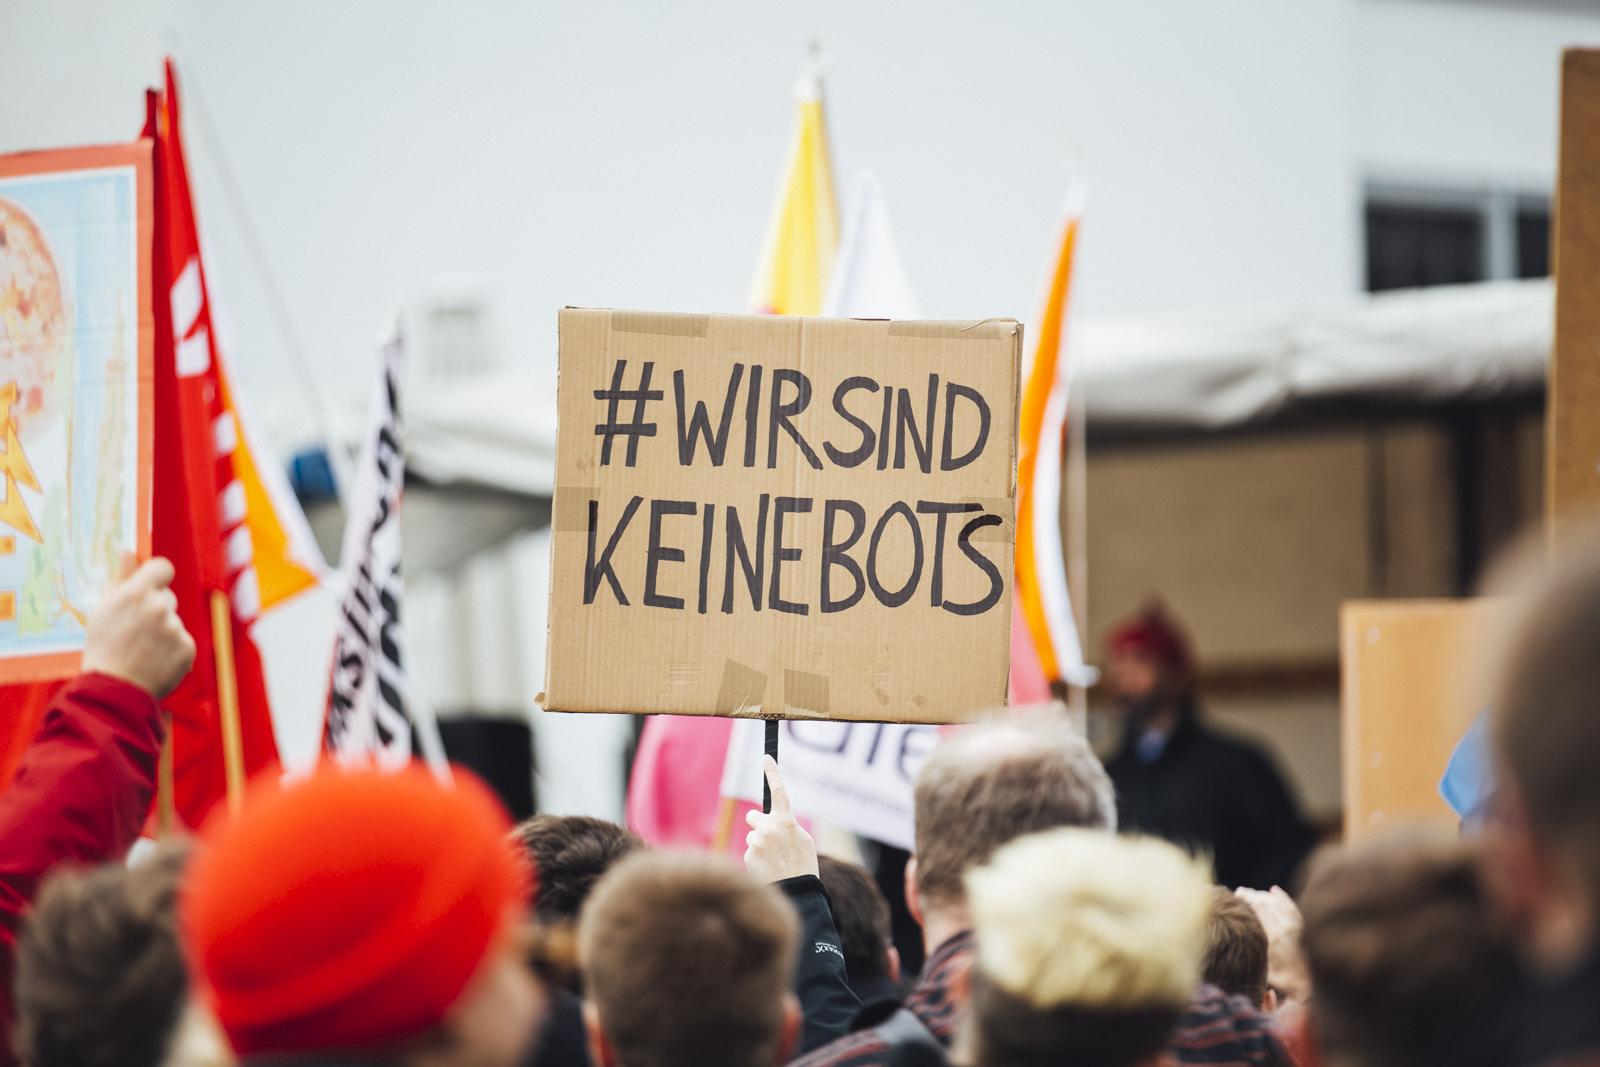 Save Your Internet – Demo gegen Uploadfilter – Article 13 #C